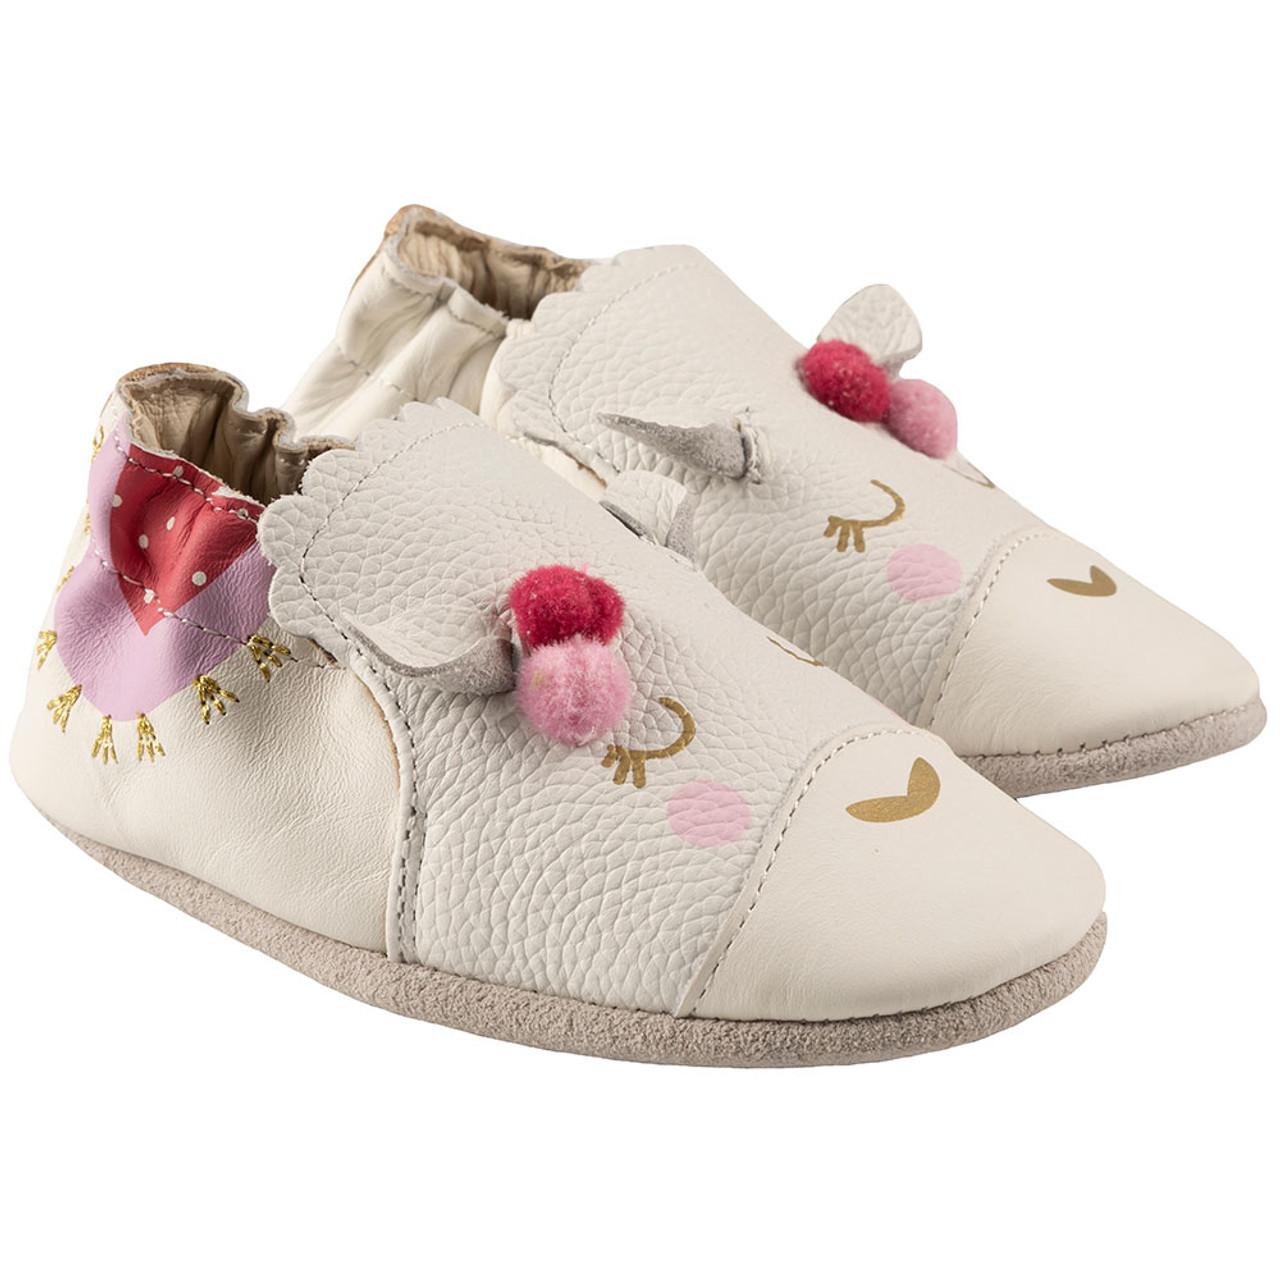 Luna | Soft Soles | Baby Shoes | Robeez